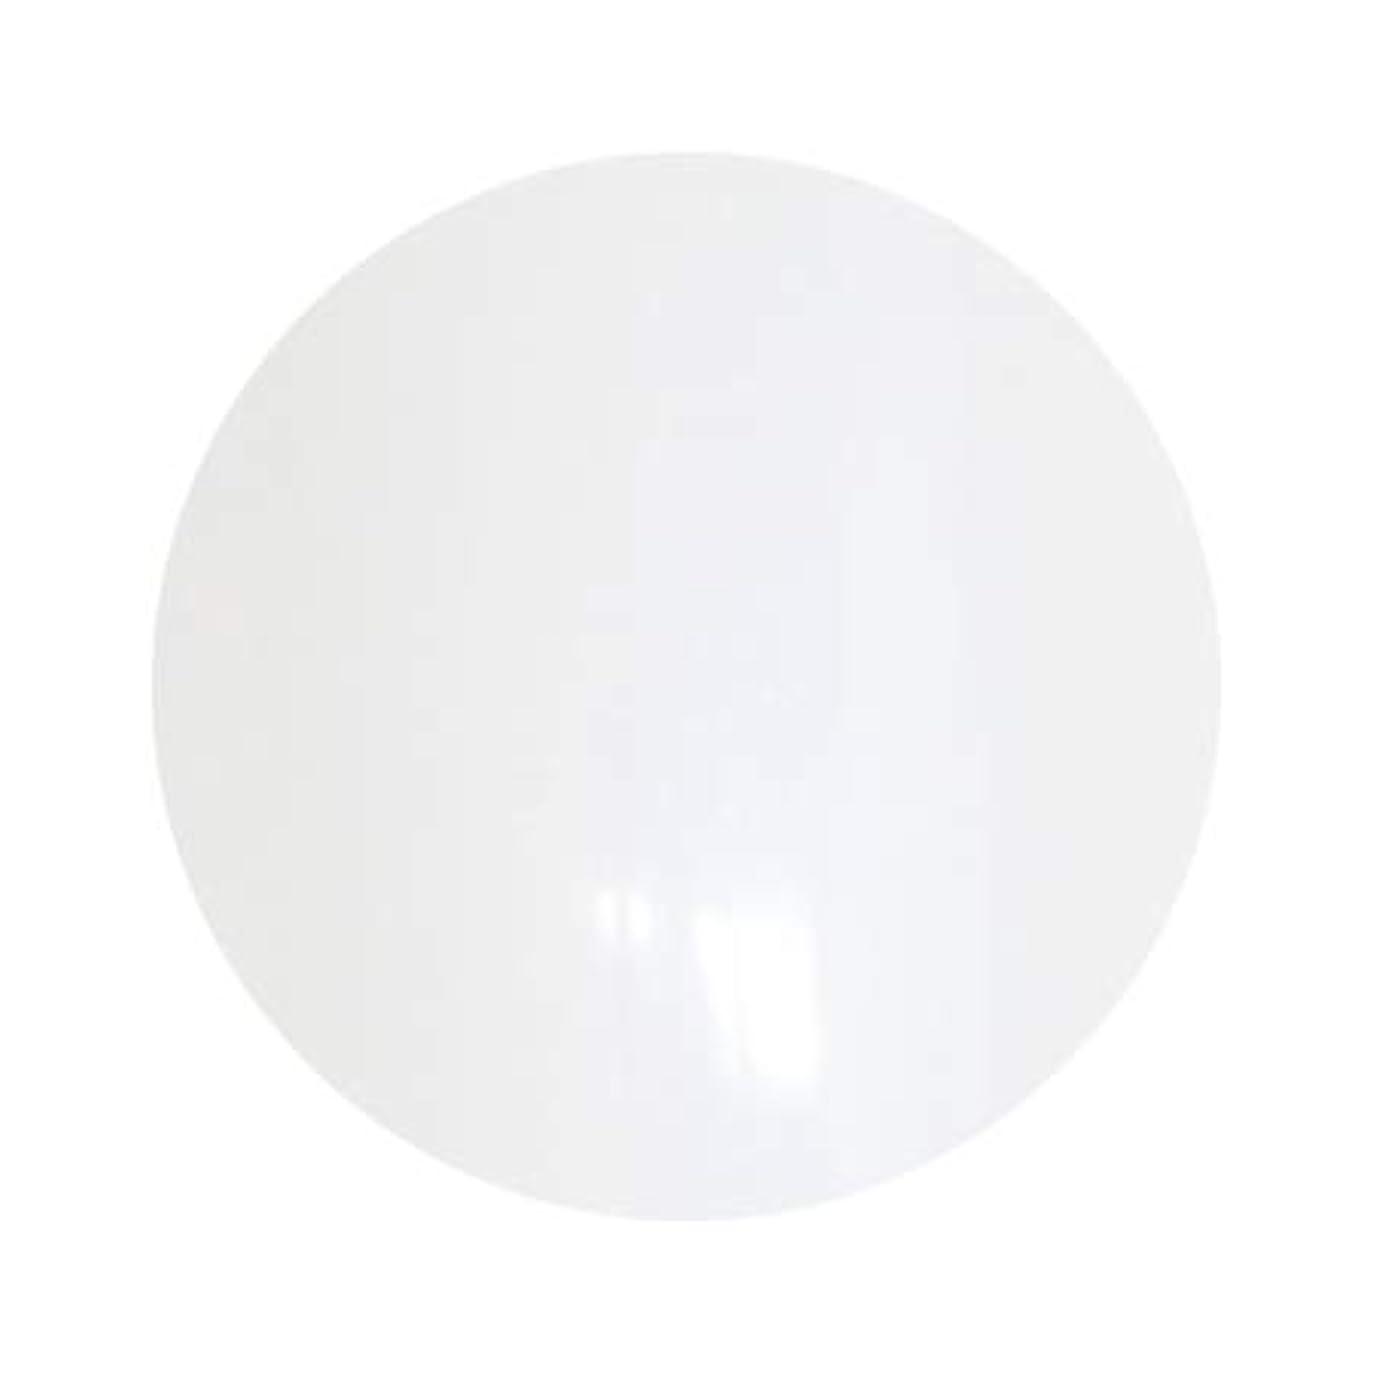 場所エピソードマニアックLUCU GEL ルクジェル カラー WHP06 ムーンストーン 3.5g